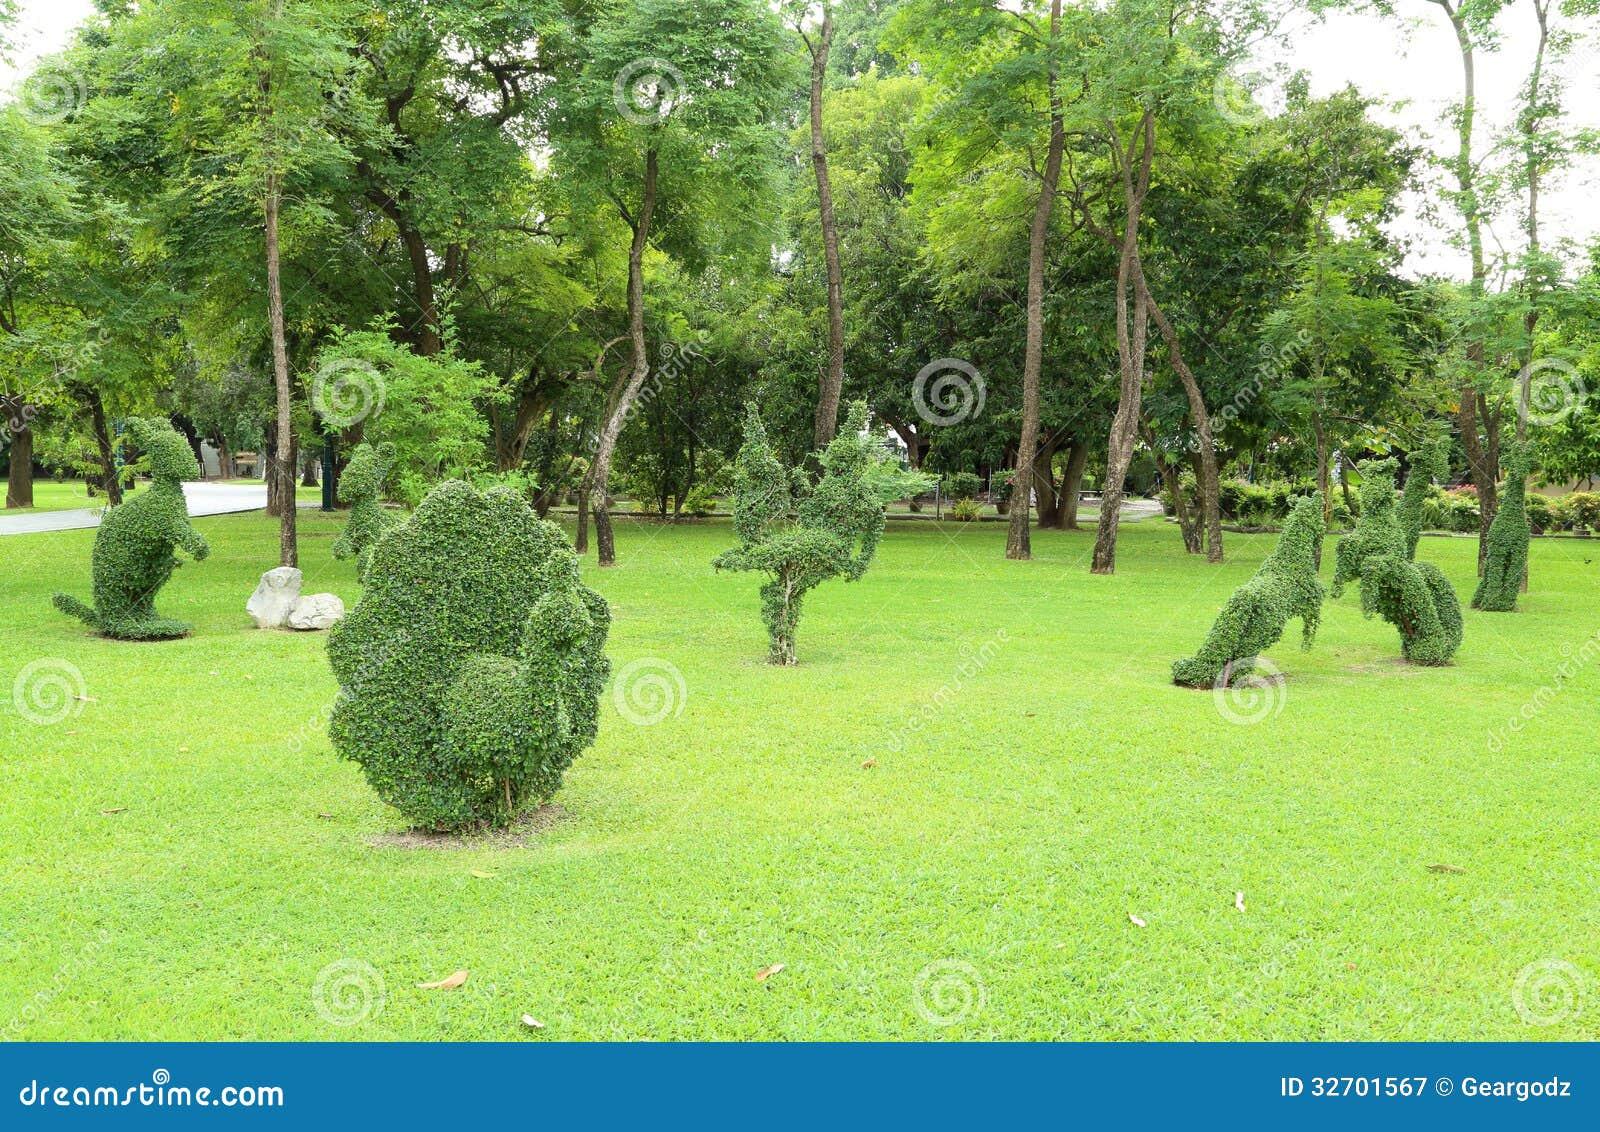 arbre animal de d coration image stock image du jardin 32701567. Black Bedroom Furniture Sets. Home Design Ideas